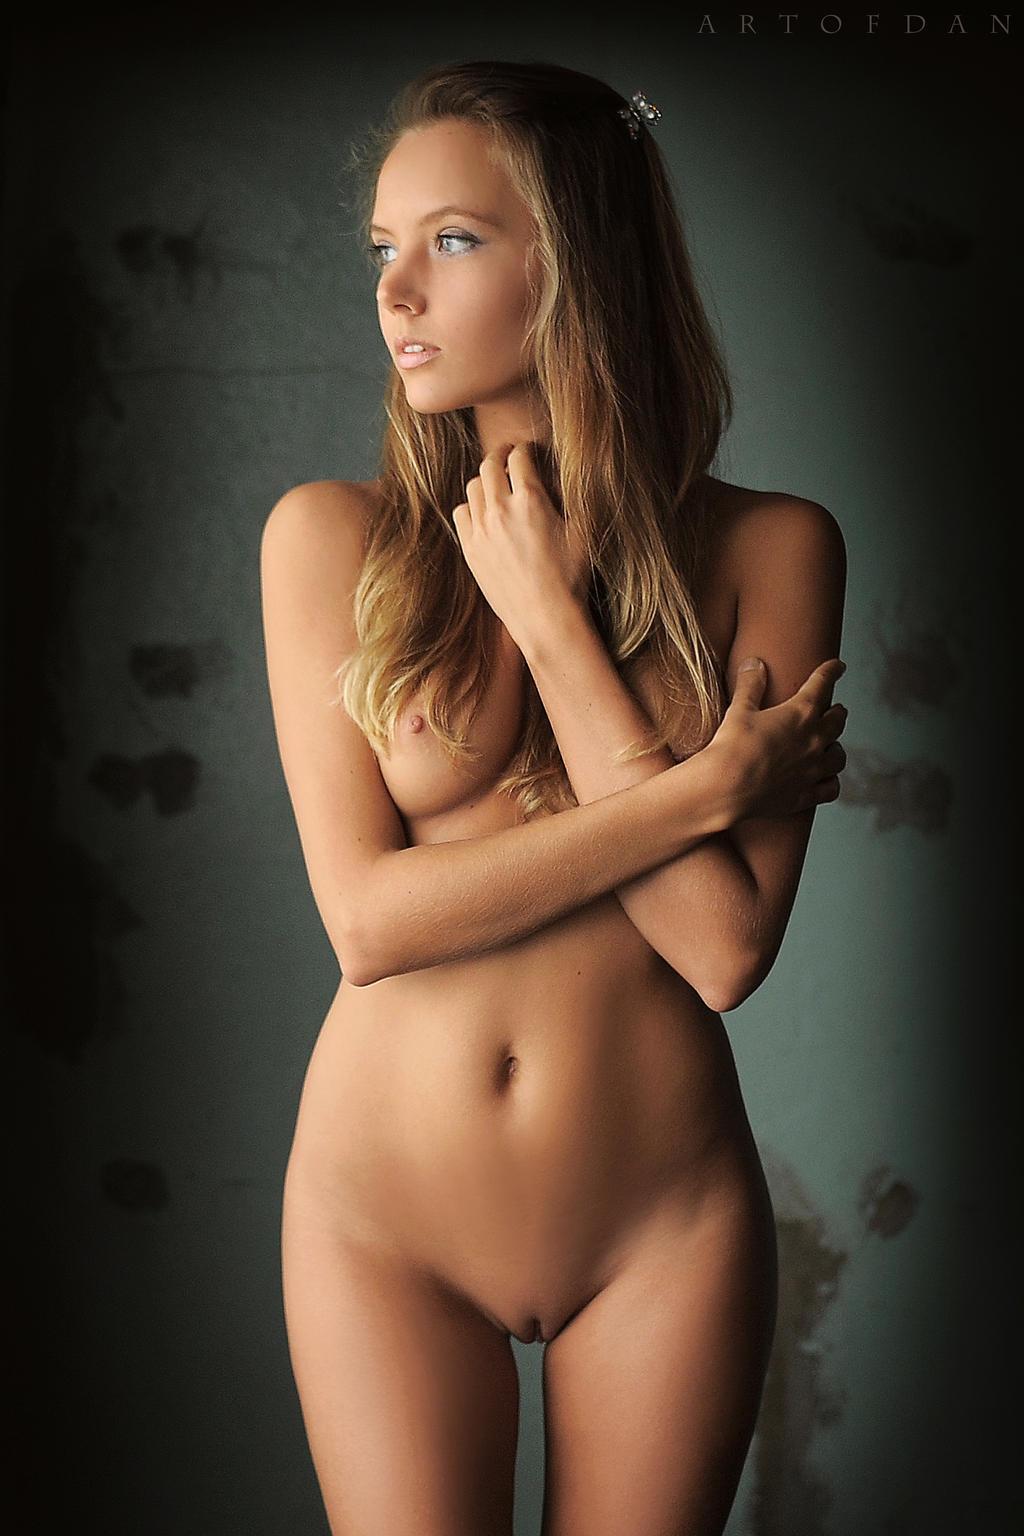 from Romeo naked super girl art